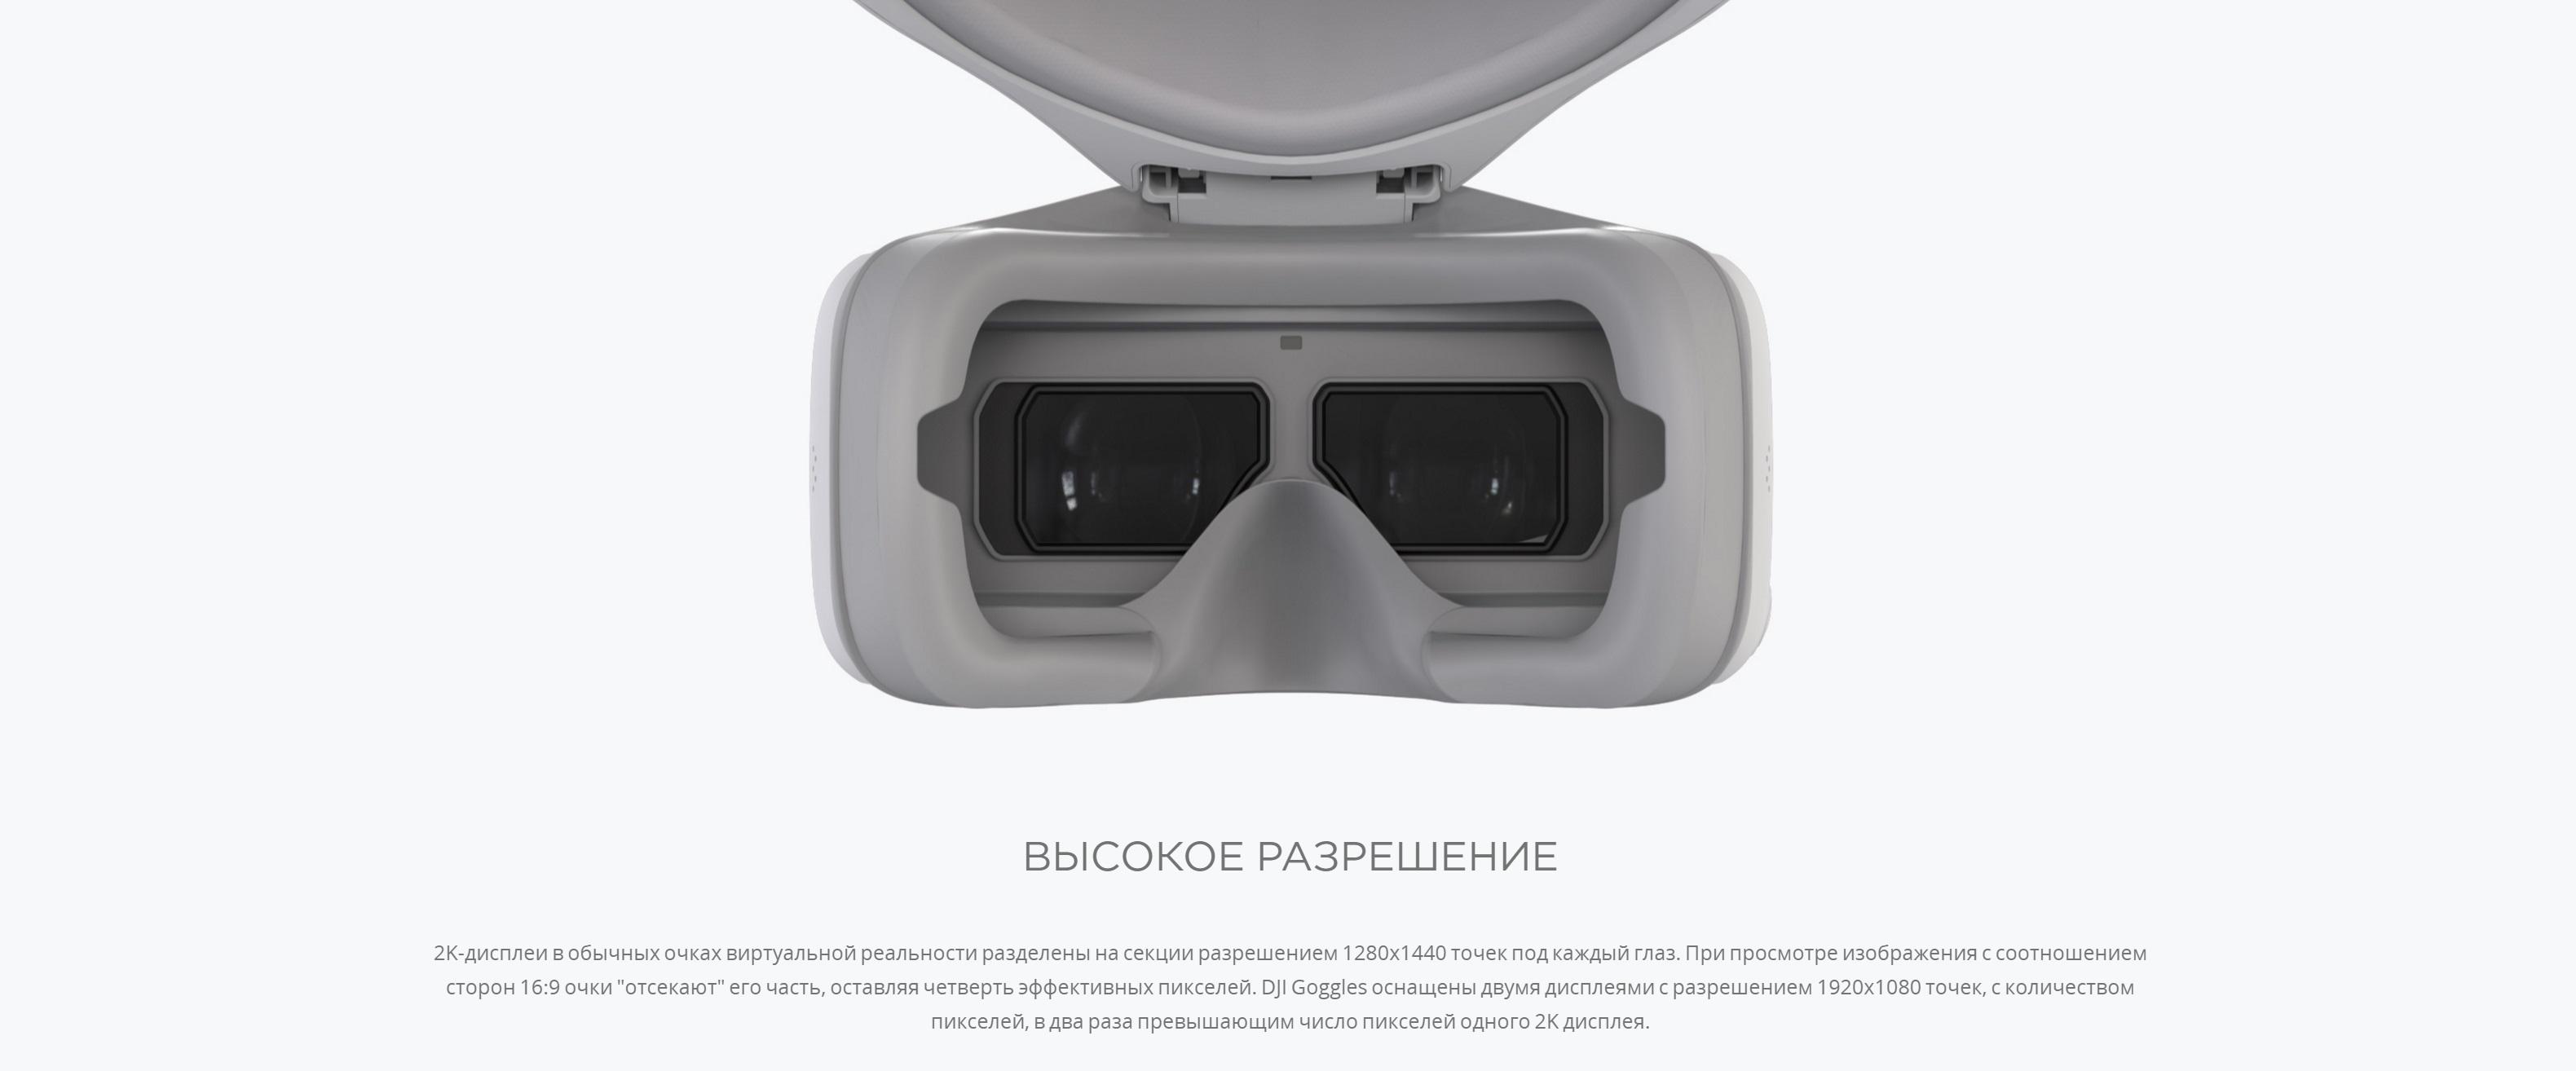 Купить dji goggles к дрону в миасс защита лопастей оригинальная для бпла спарк